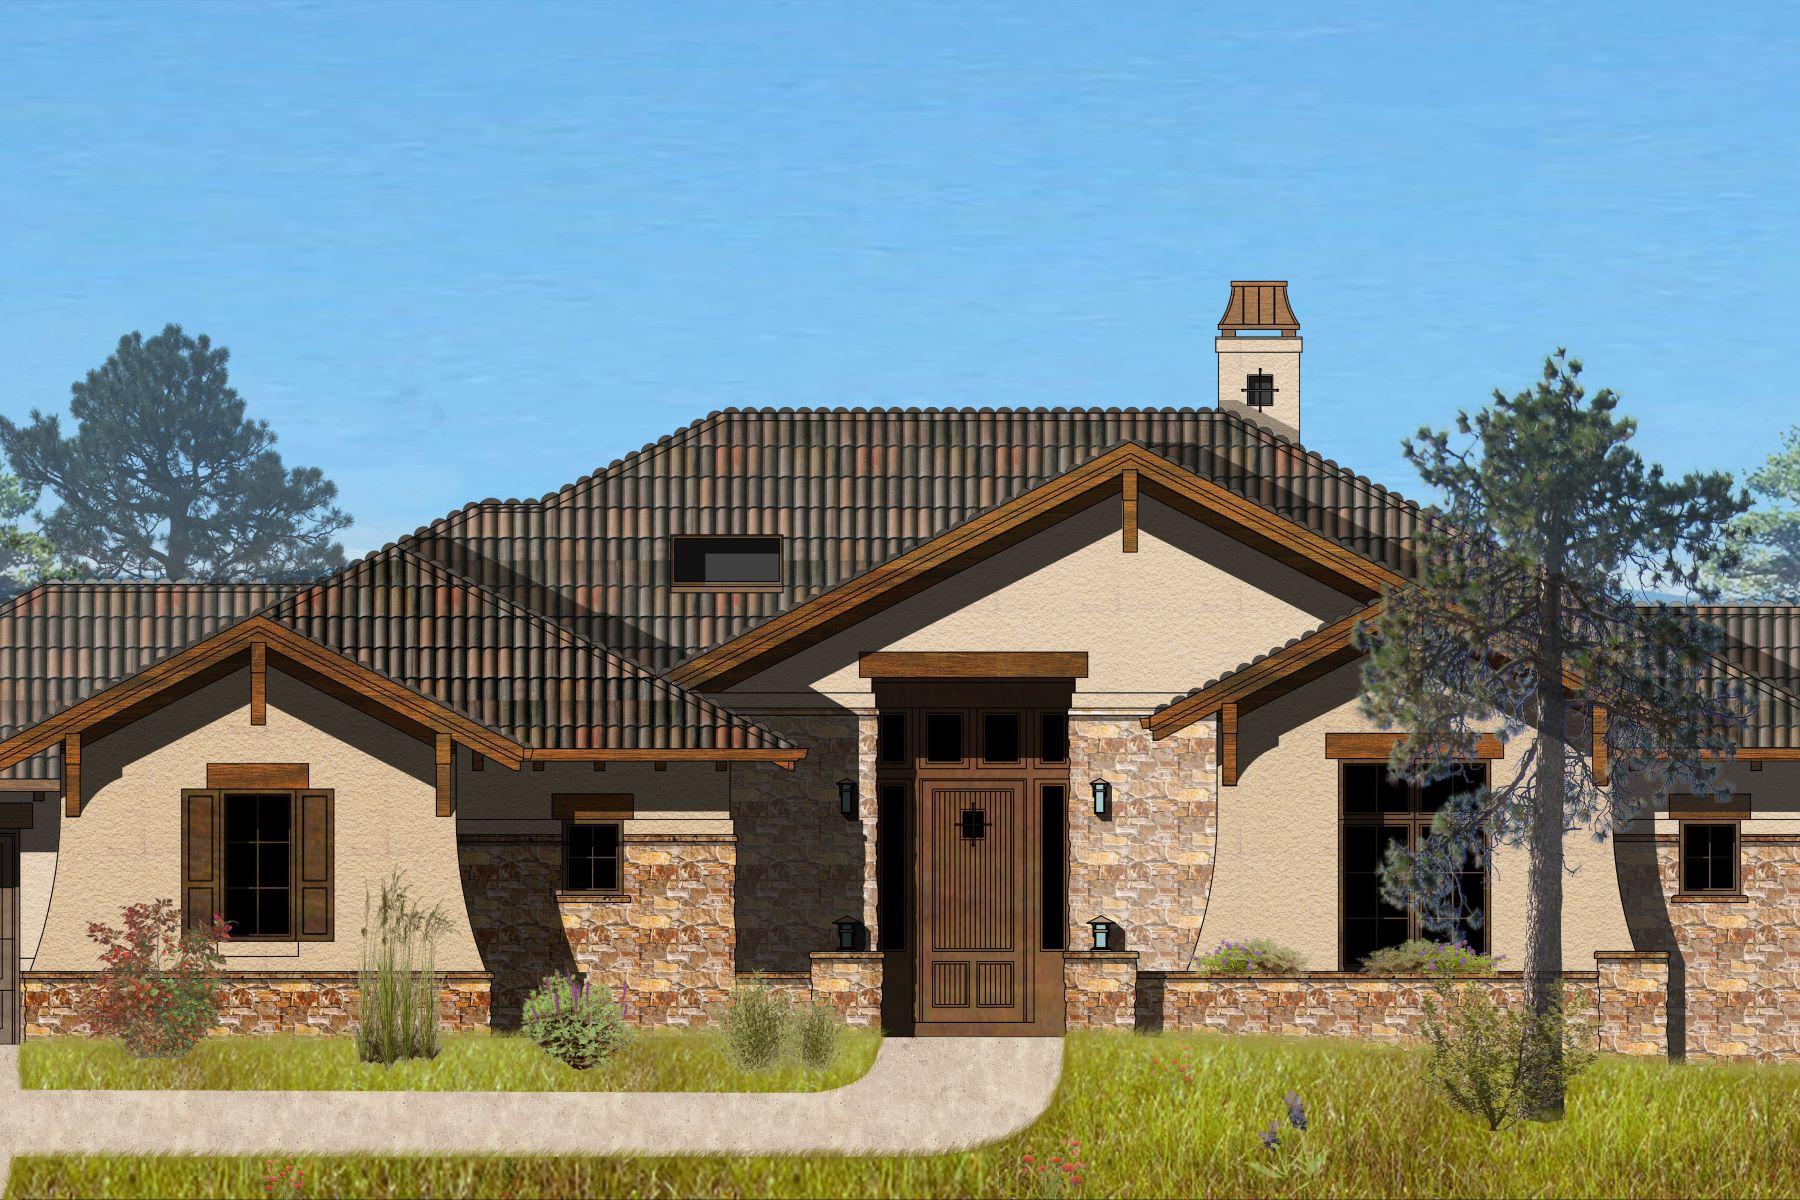 Einfamilienhaus für Verkauf beim Picture Yourself Living Lakeside, Enjoying Captivating Views 7309 Prairie Star Ct Parker, Colorado, 80134 Vereinigte Staaten